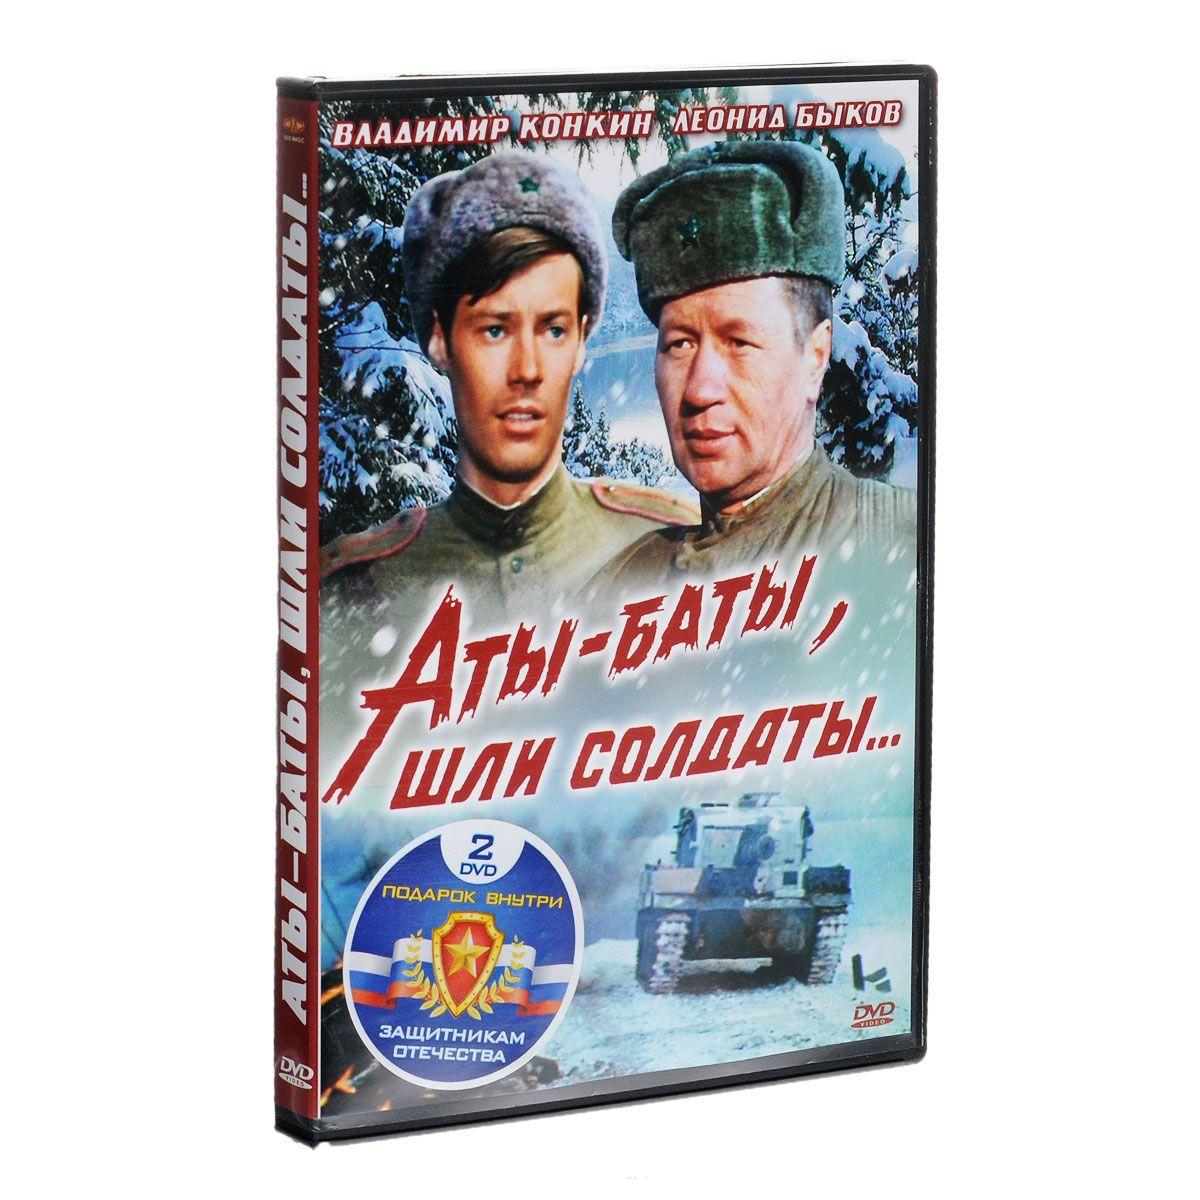 2в1 Защитникам отечества: Аты-баты, шли солдаты / Стратегия победы (2 DVD)